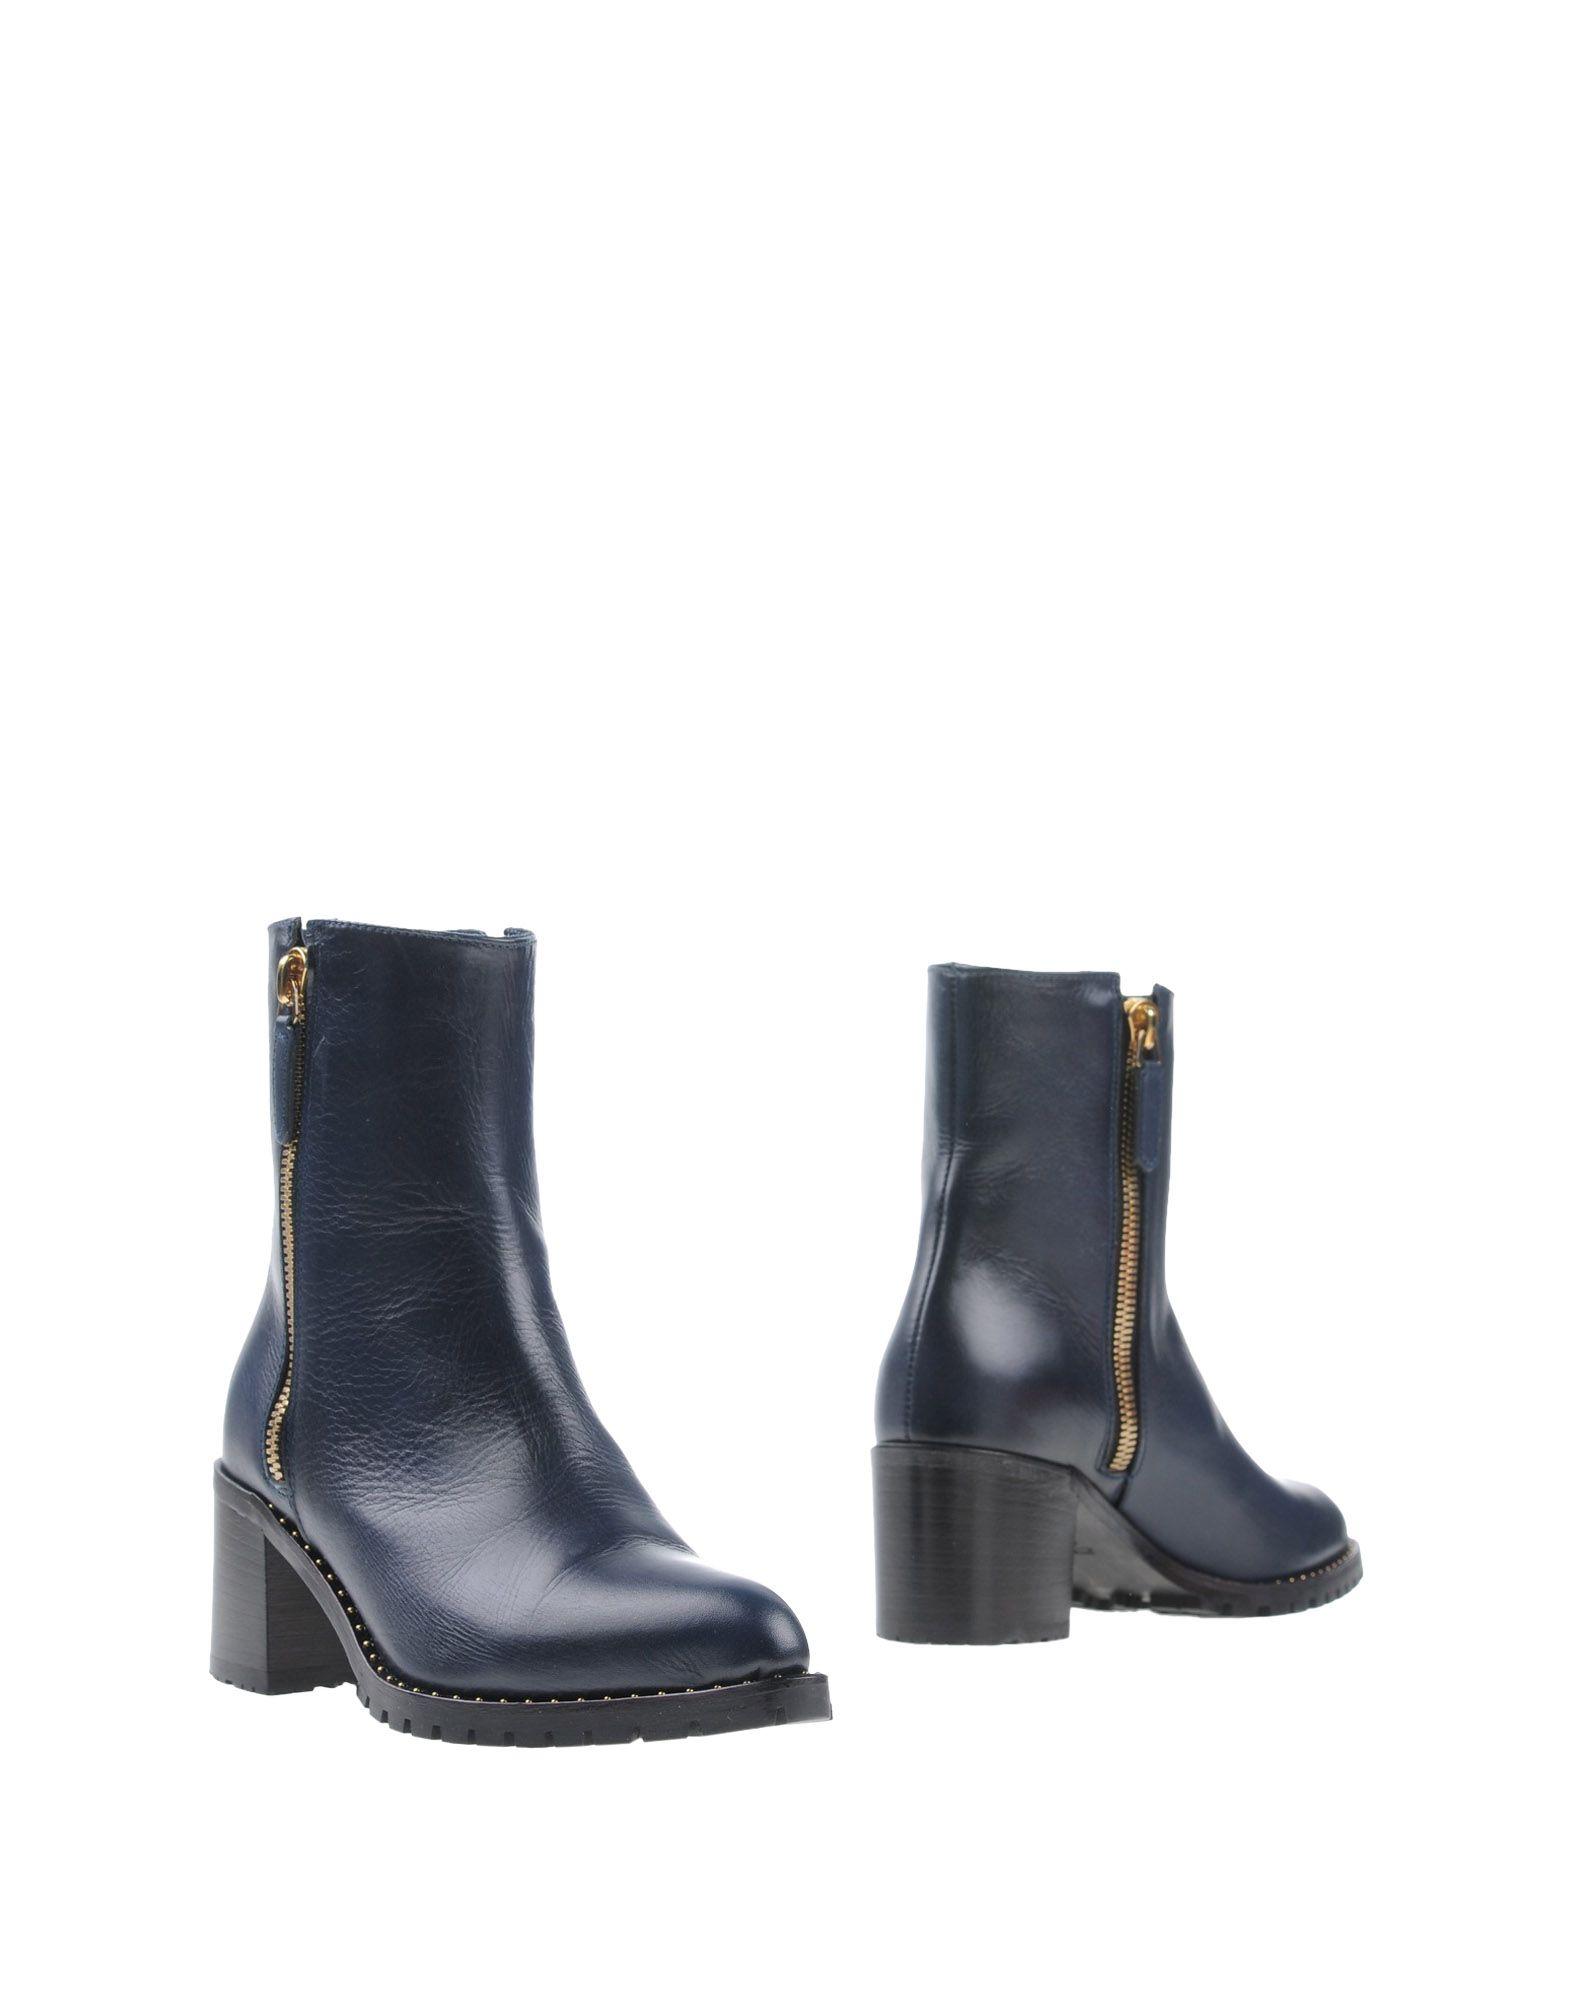 ZAMAGNI Полусапоги и высокие ботинки цены онлайн